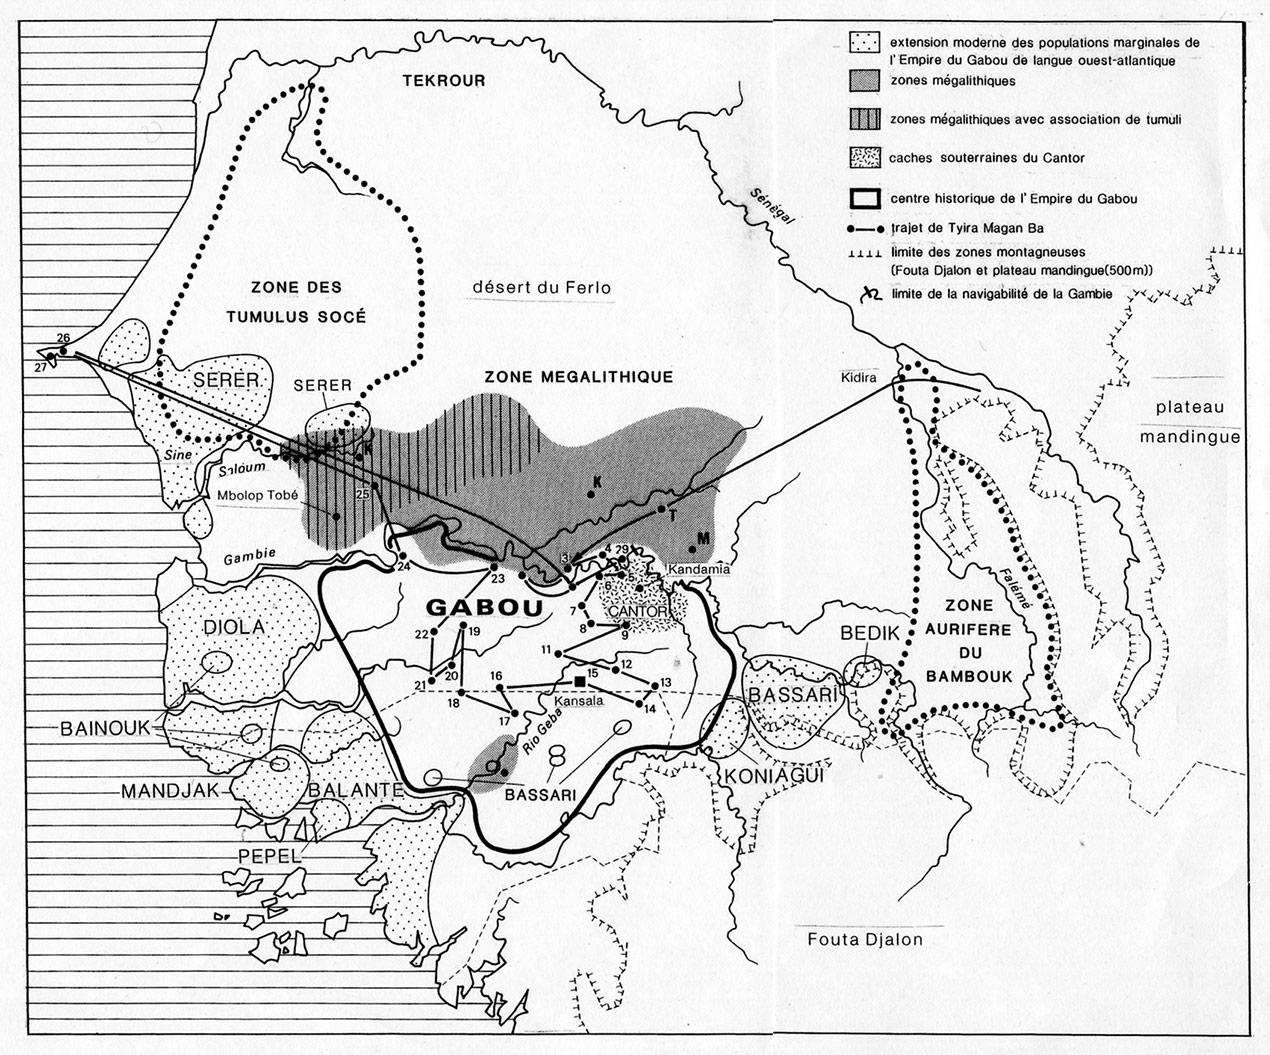 Fig.6. Carte de l'empire malinké du Gabou au sud de la Gambie et trajet suivi par Tyira Magan Ba (Carte établie d'après Girard 1992).